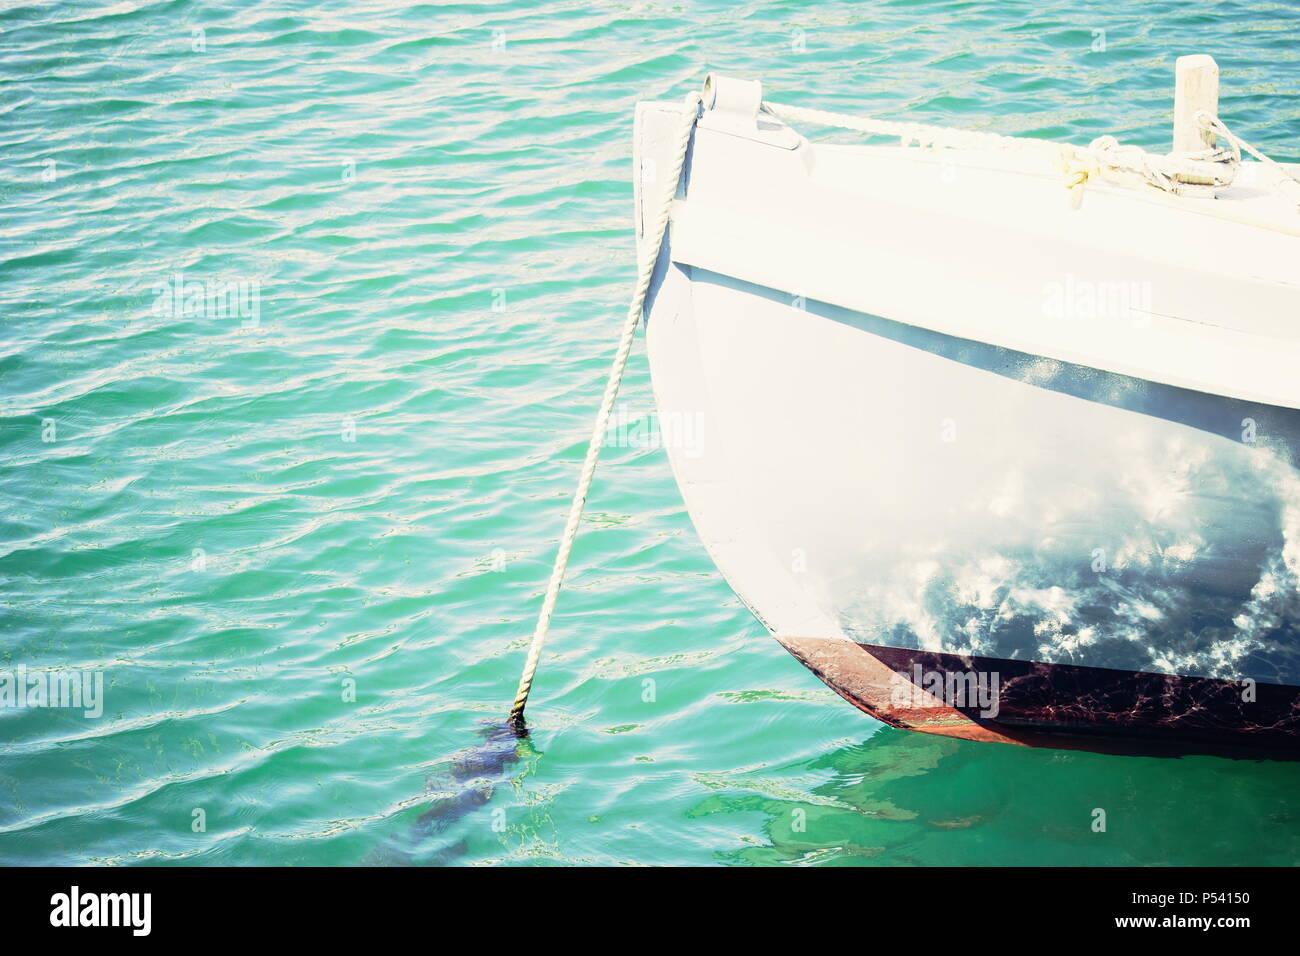 Close up image d'un canot amarré en agitant légèrement avec de l'eau exemplaire de l'espace. Photo Stock